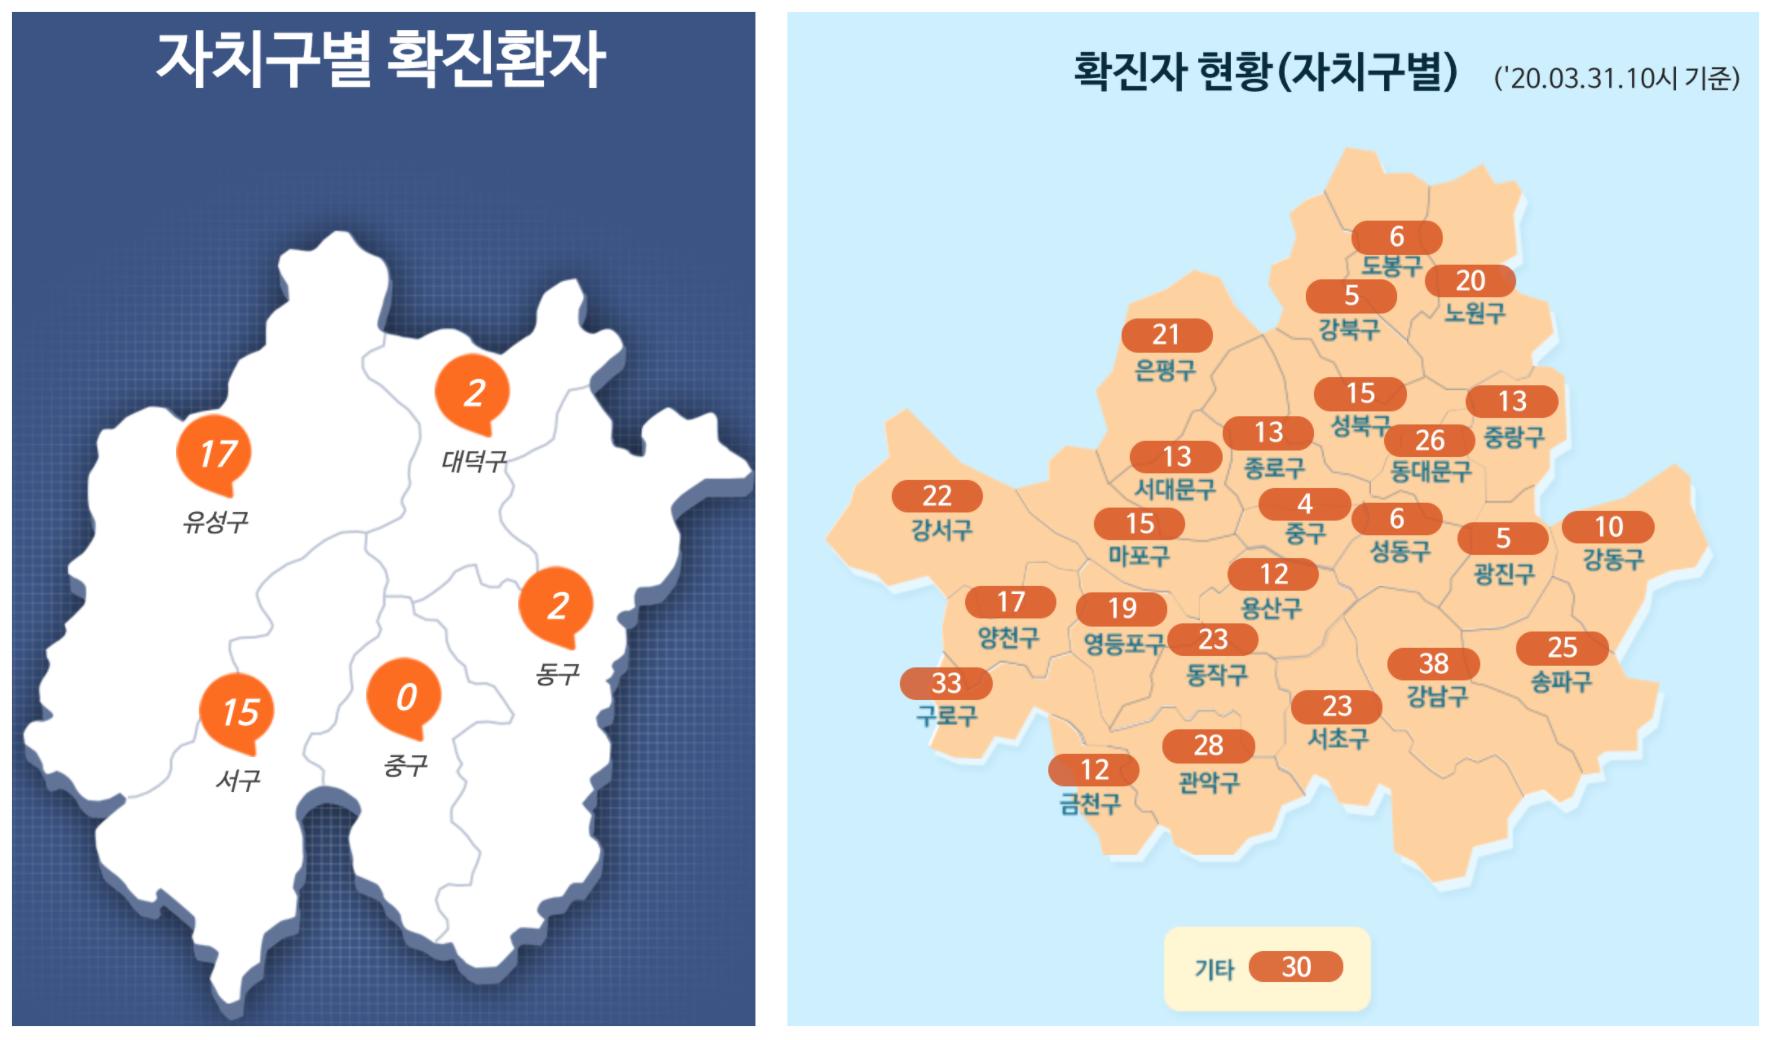 * 출처 : 대전광역시, 서울특별시